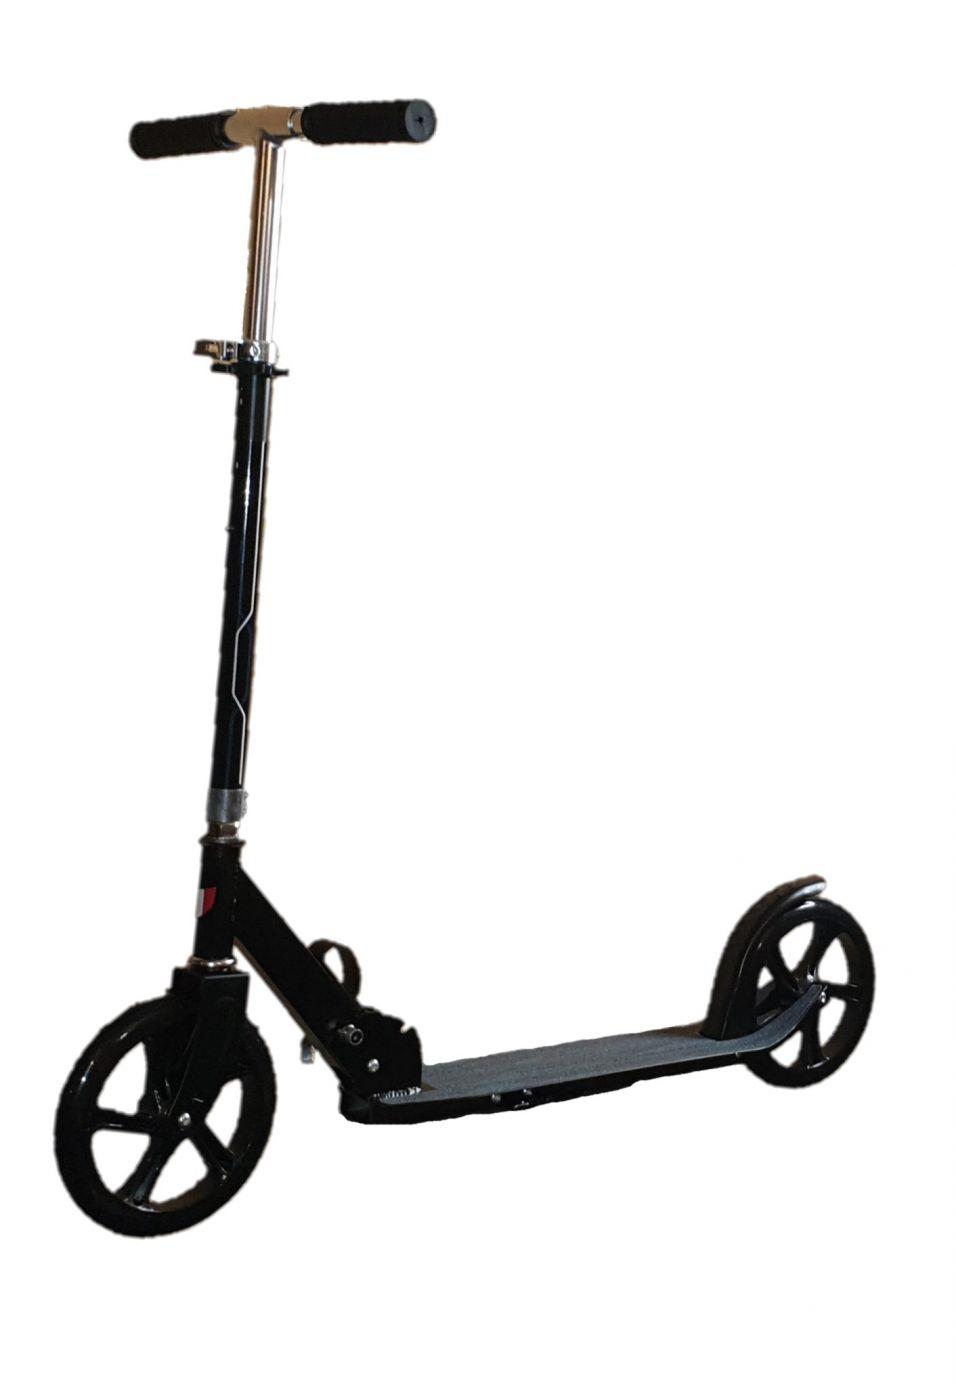 S00233 Самокат подростковый алюминиевый складной с подножкой Scooter Urban sport Cool